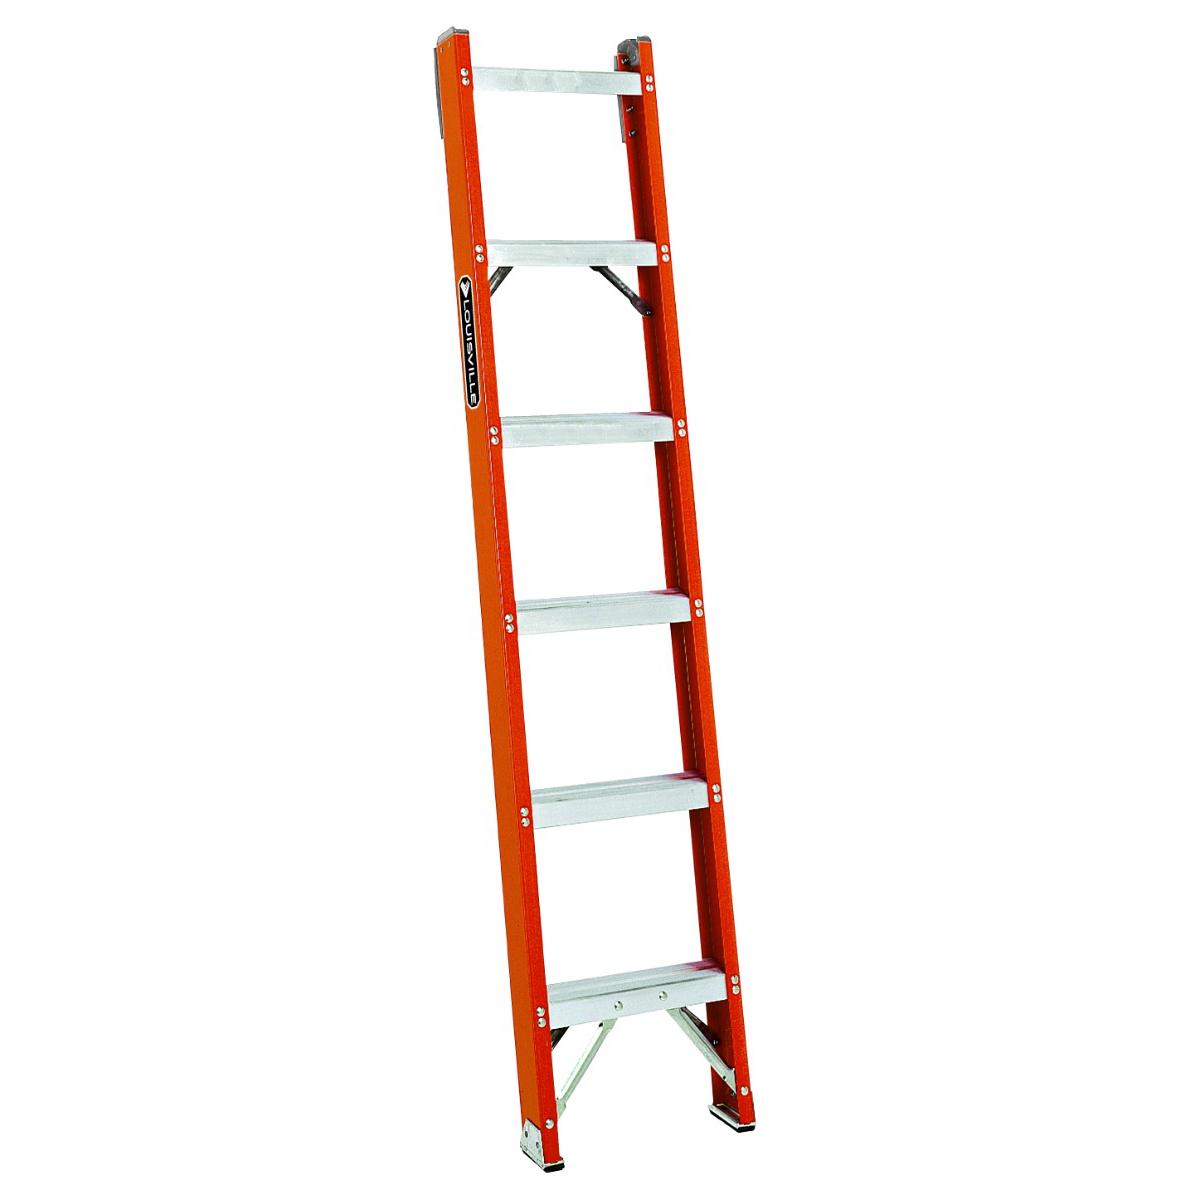 Louisville Ladder(ルイビルラダー) ファイバーはしご[オレンジ]耐荷重135kg【6ft(180cm)】